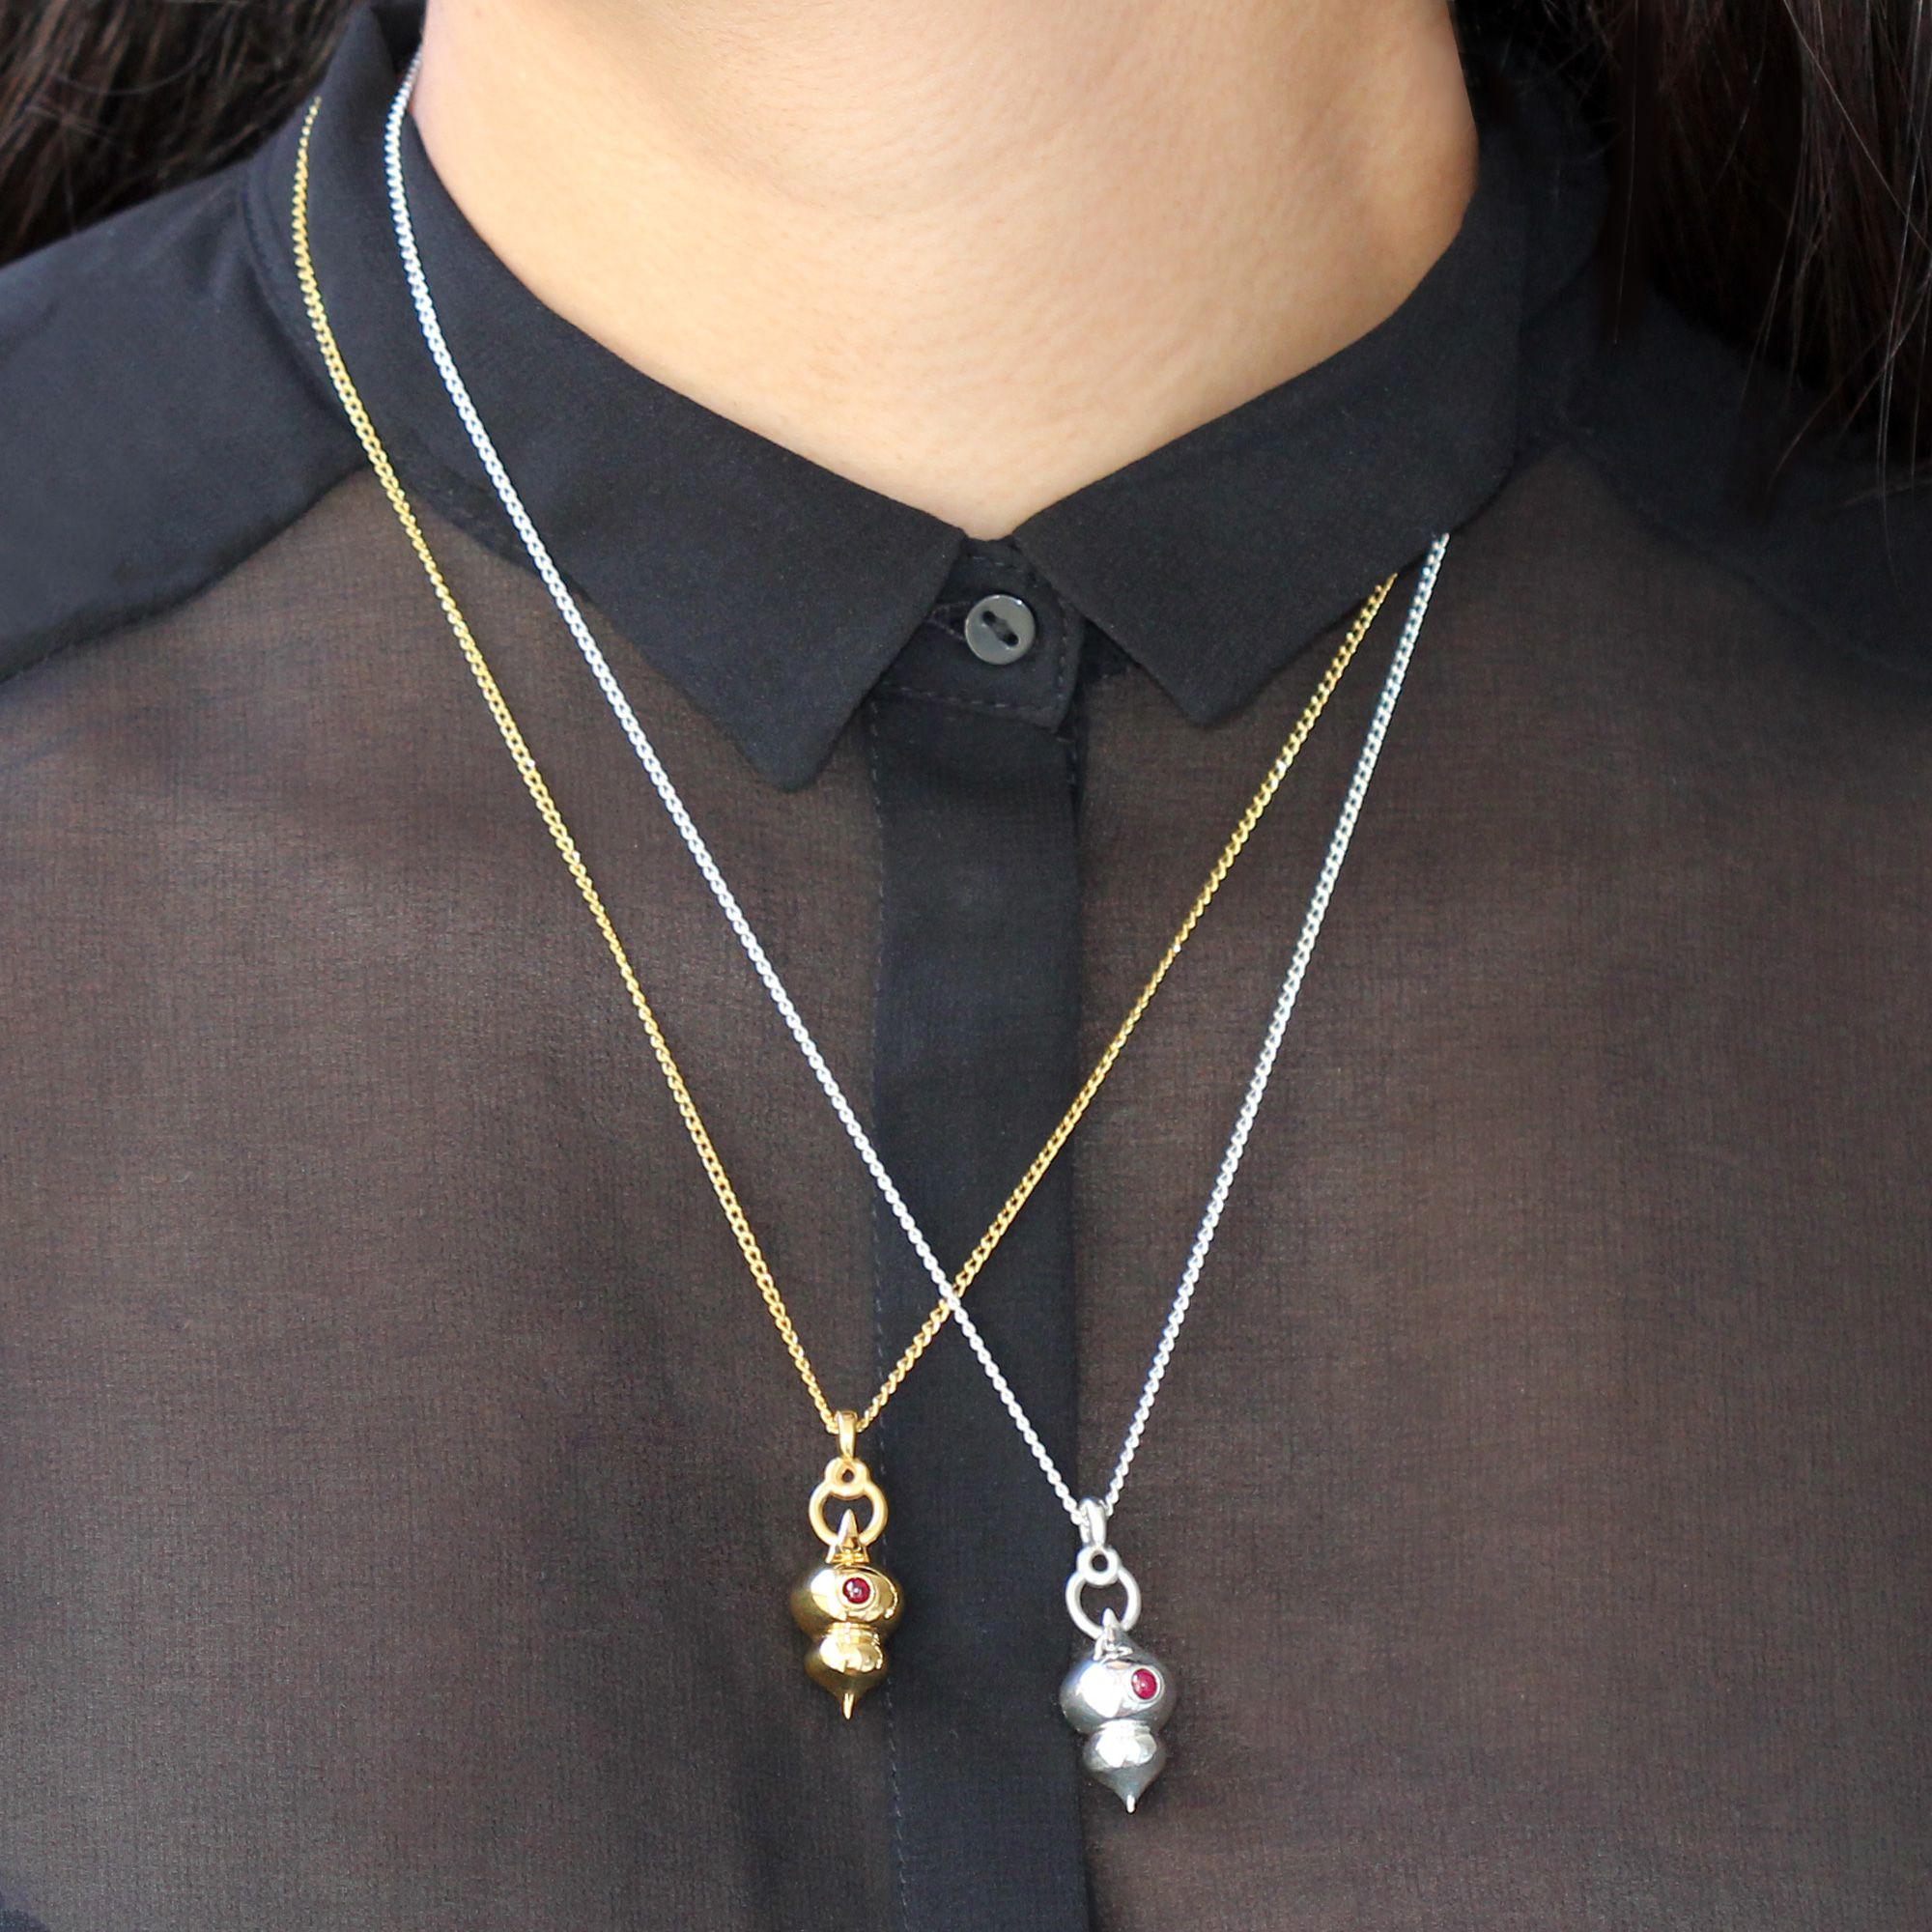 Lee Renee Heloise Necklaces